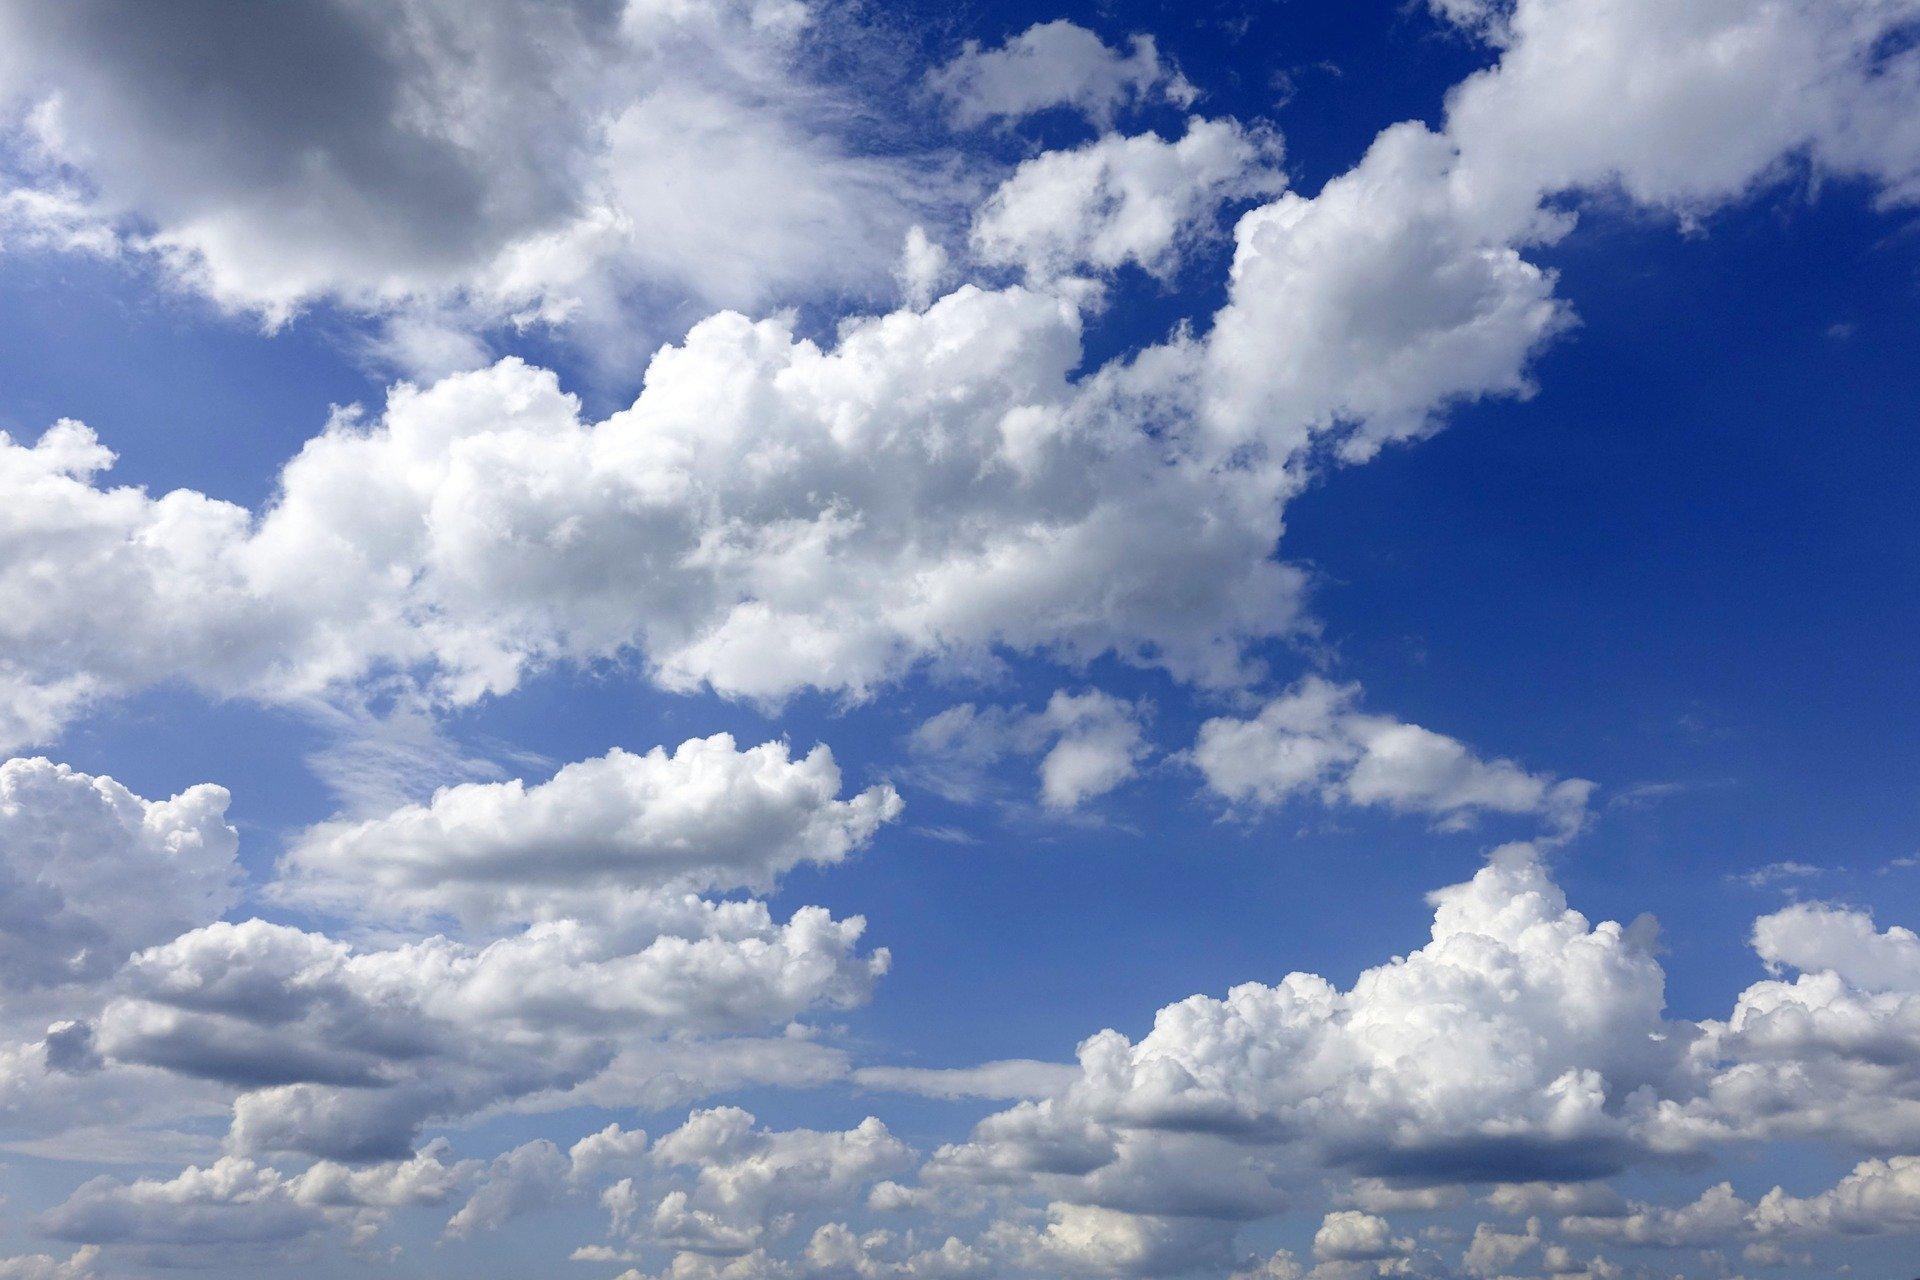 clouds-3488632_1920